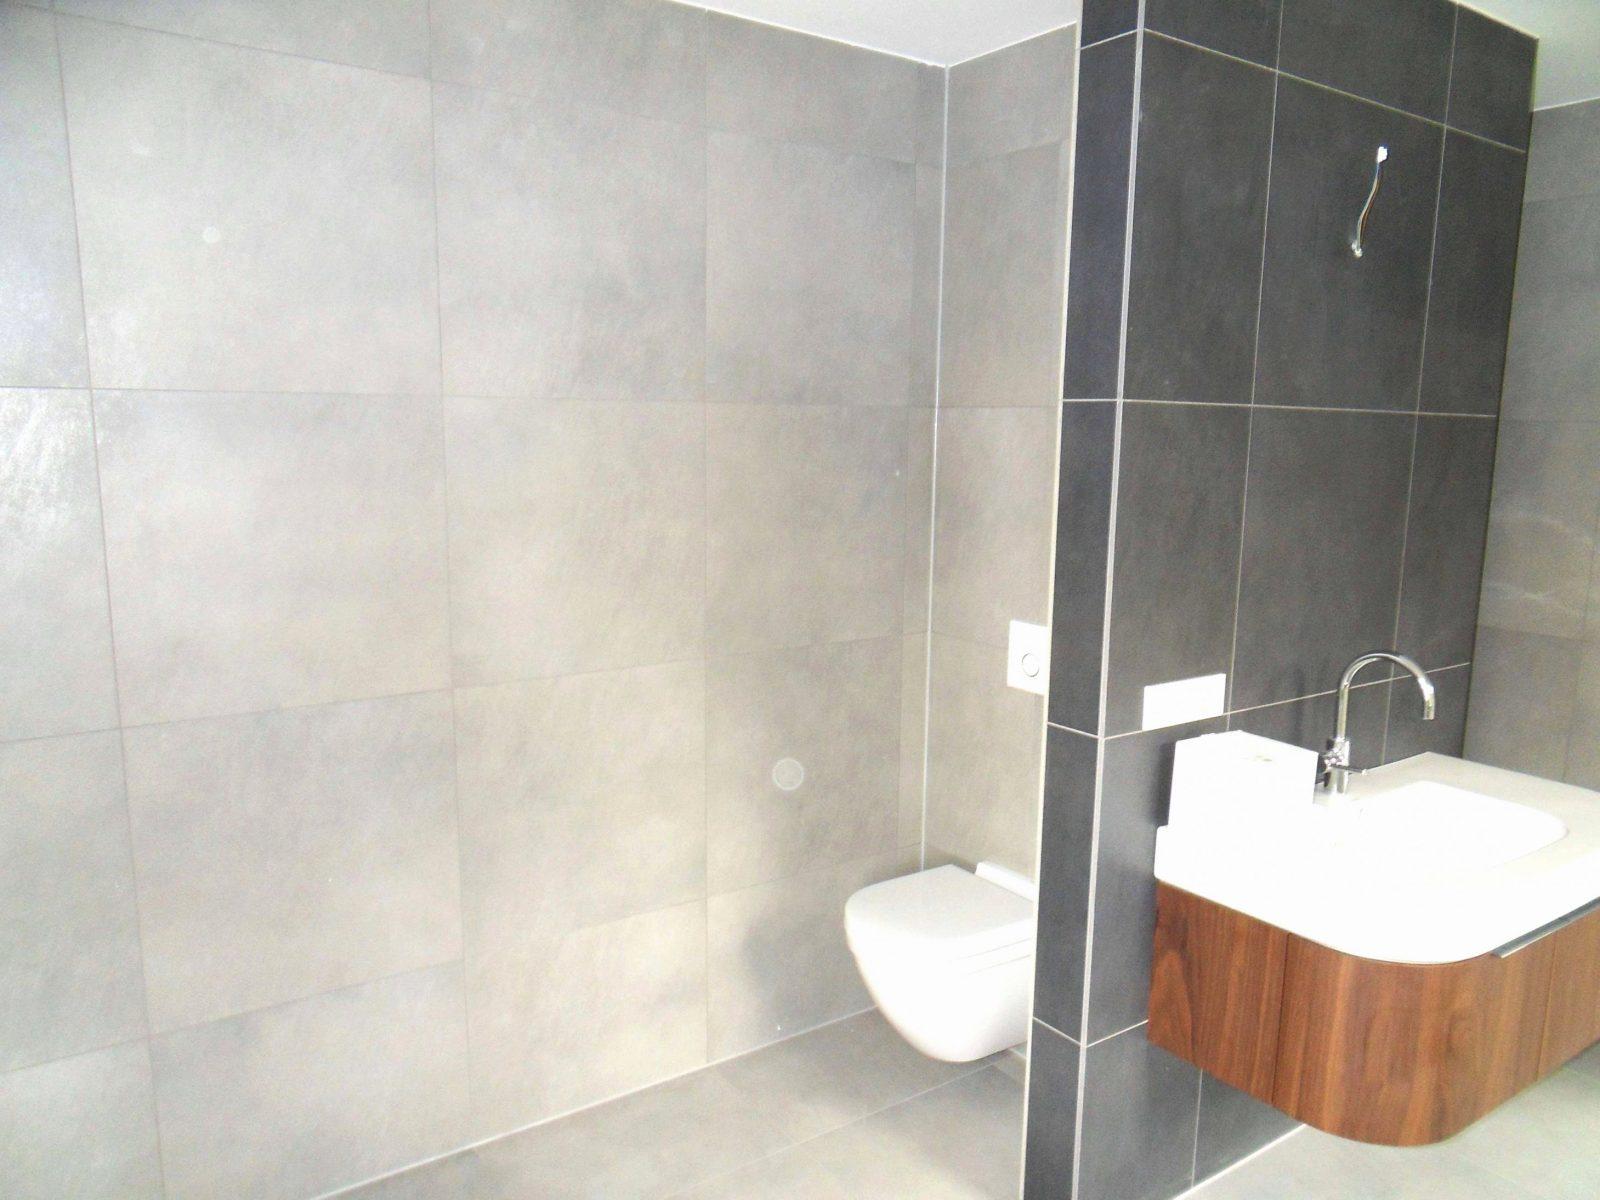 Fliesen Im Bad Konzept 32 Luxus Dieses Jahr von Pvc Boden Im Bad Bild